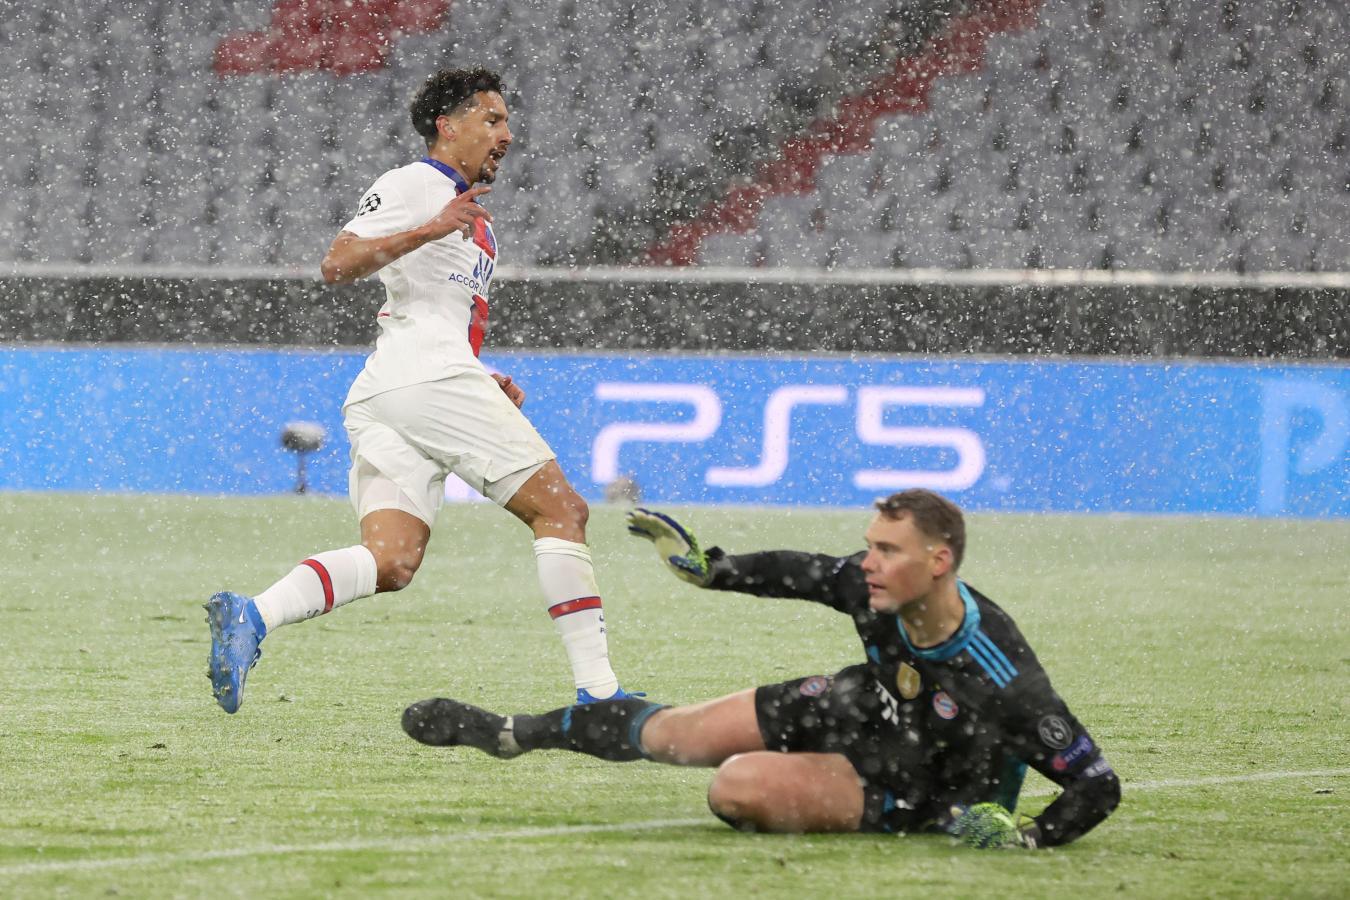 Marquinhos acaba de superar a Manuel Neuer para el 2-0 de los parisinos. El brasileño saldría por lesión. Foto: @ChampionsLeague